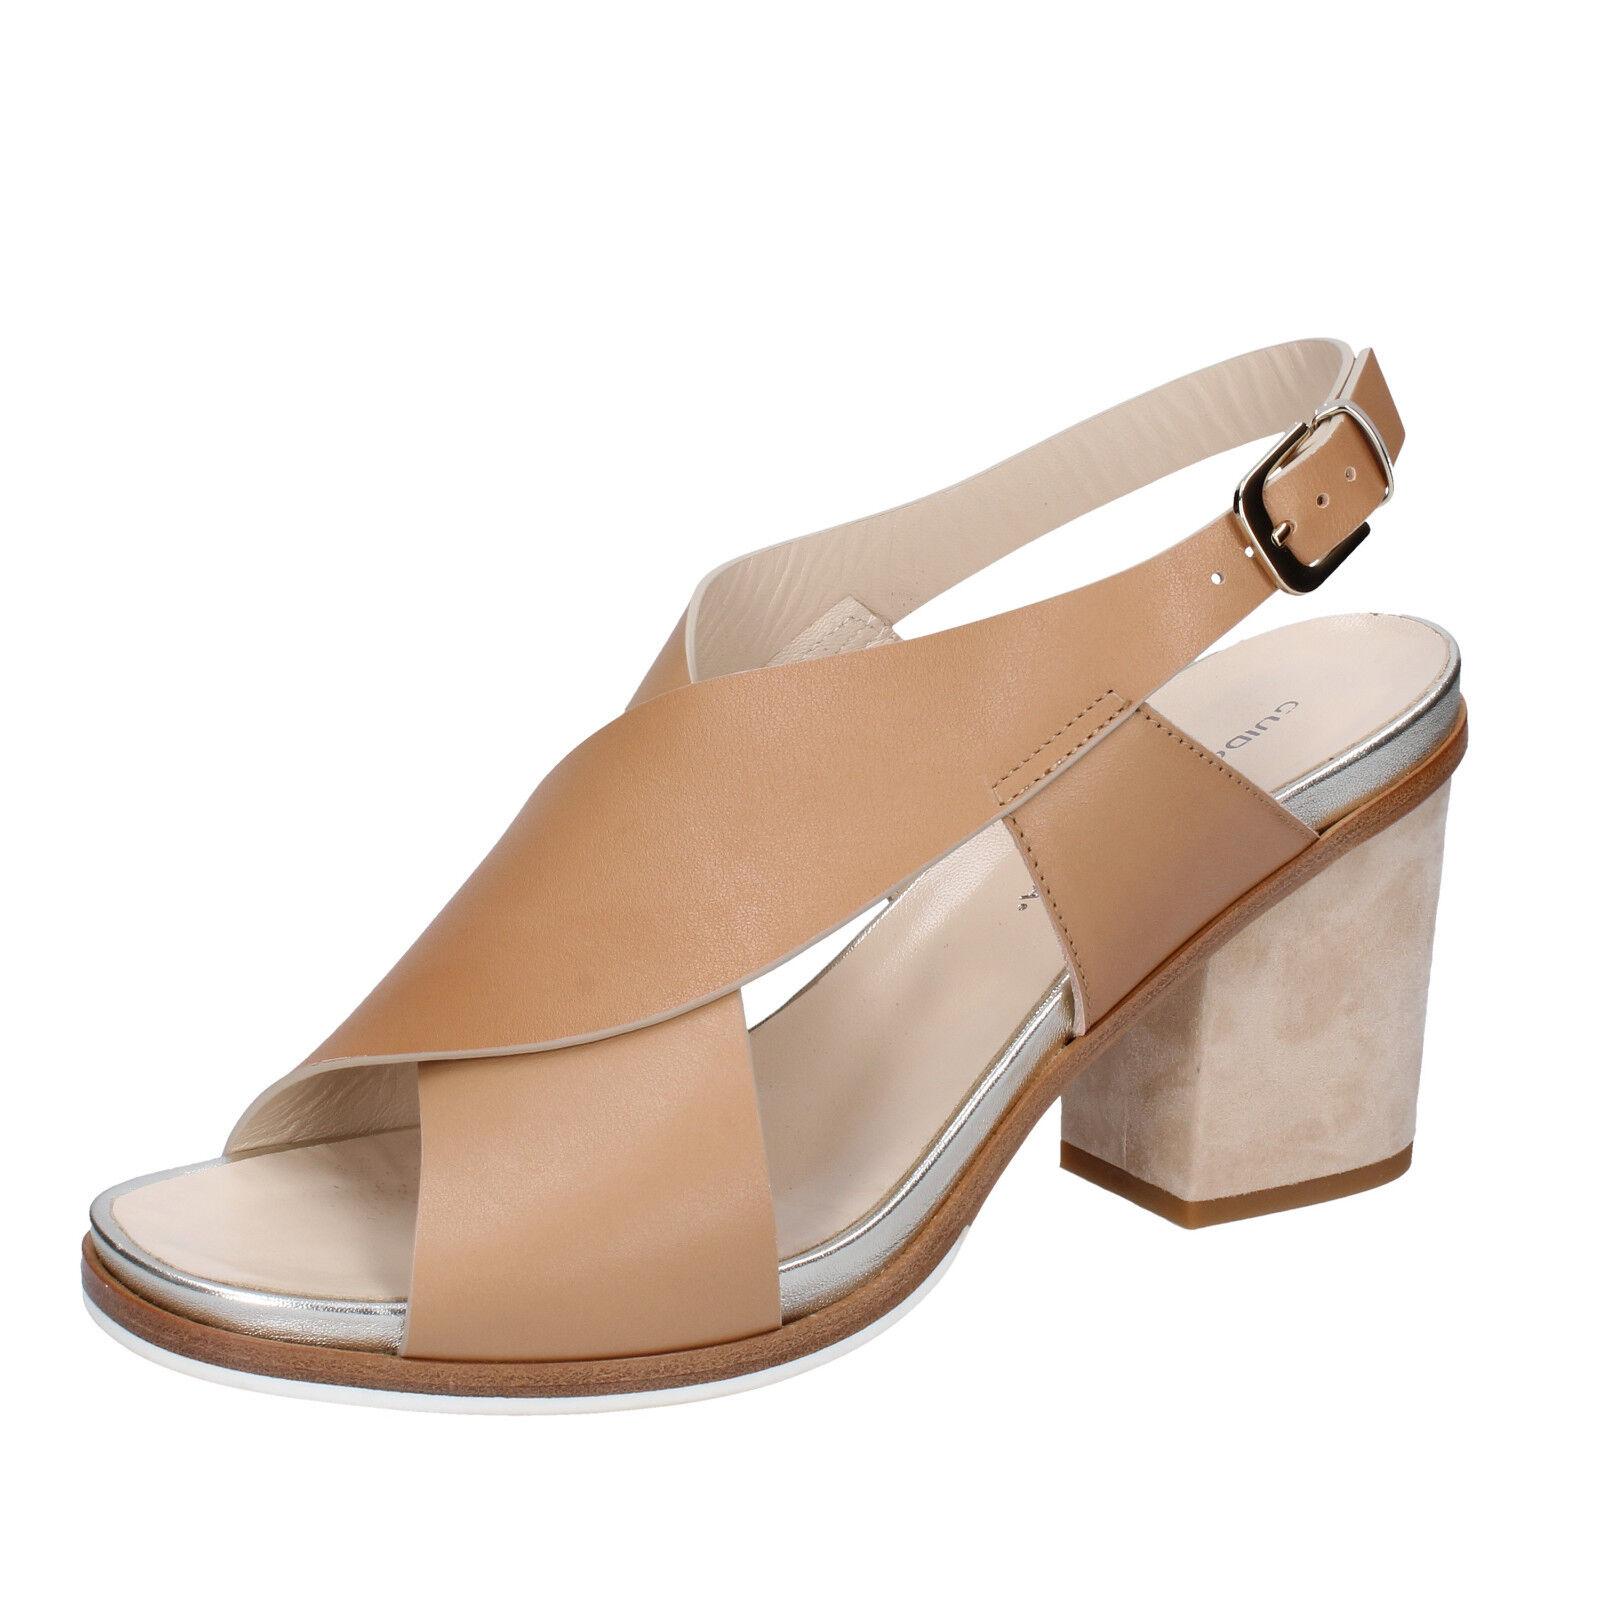 scarpe donna GUIDO marrone SGARIGLIA 41 sandali marrone GUIDO pelle BZ317 081dc5